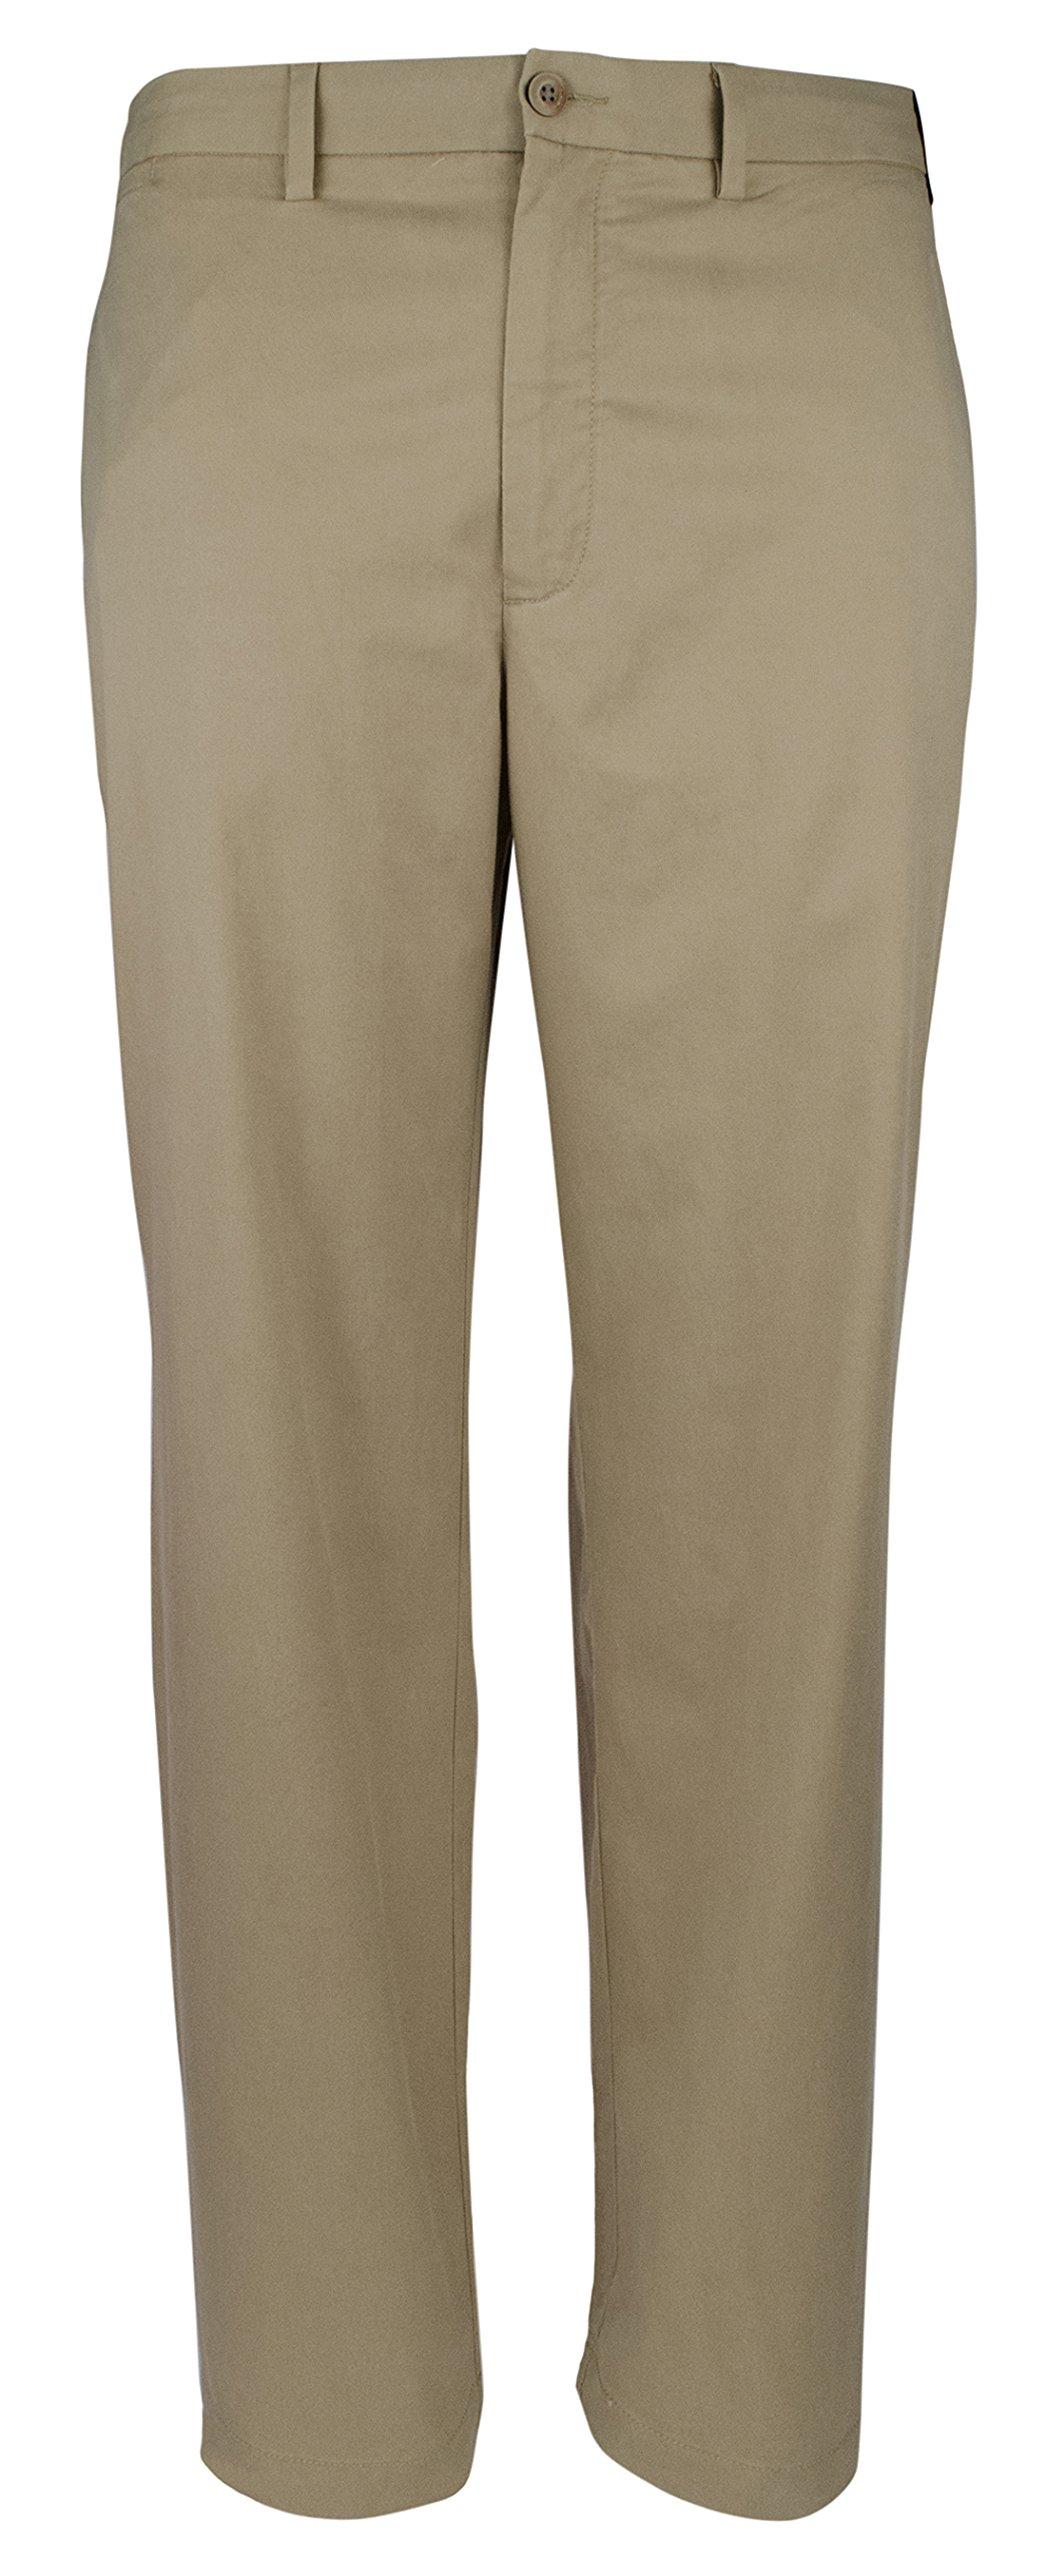 Tommy Bahama Big & Tall Men's Big & Tall Offshore Flat Front Pants Khaki 48W x 32L